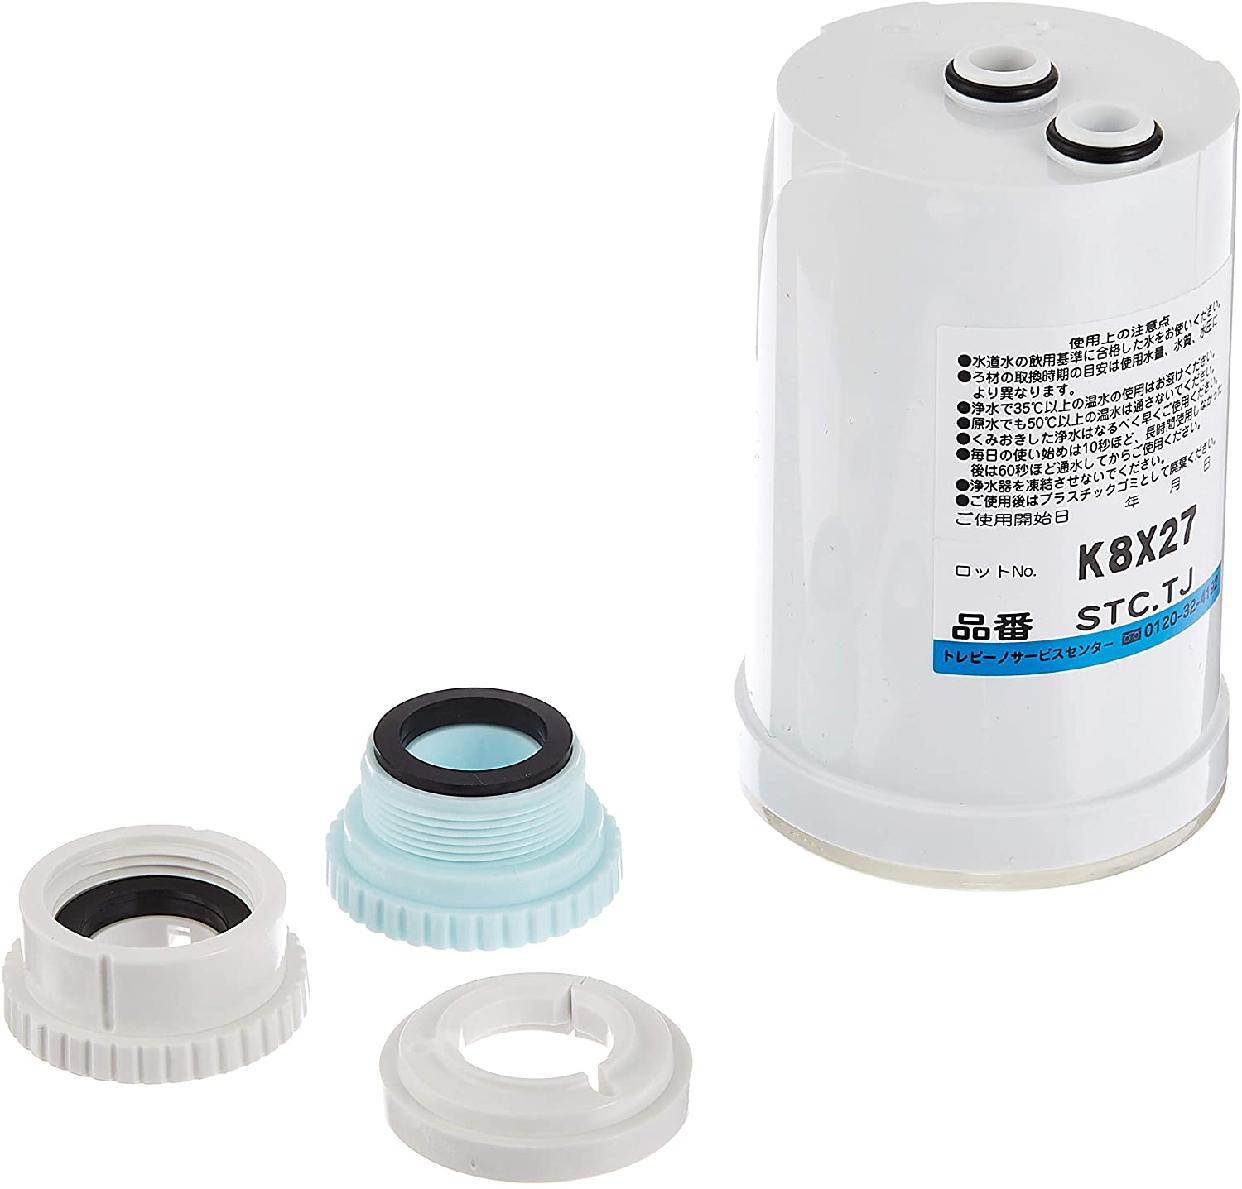 トレビーノ蛇口直結型浄水器 スーパースリム SX703Tの商品画像2